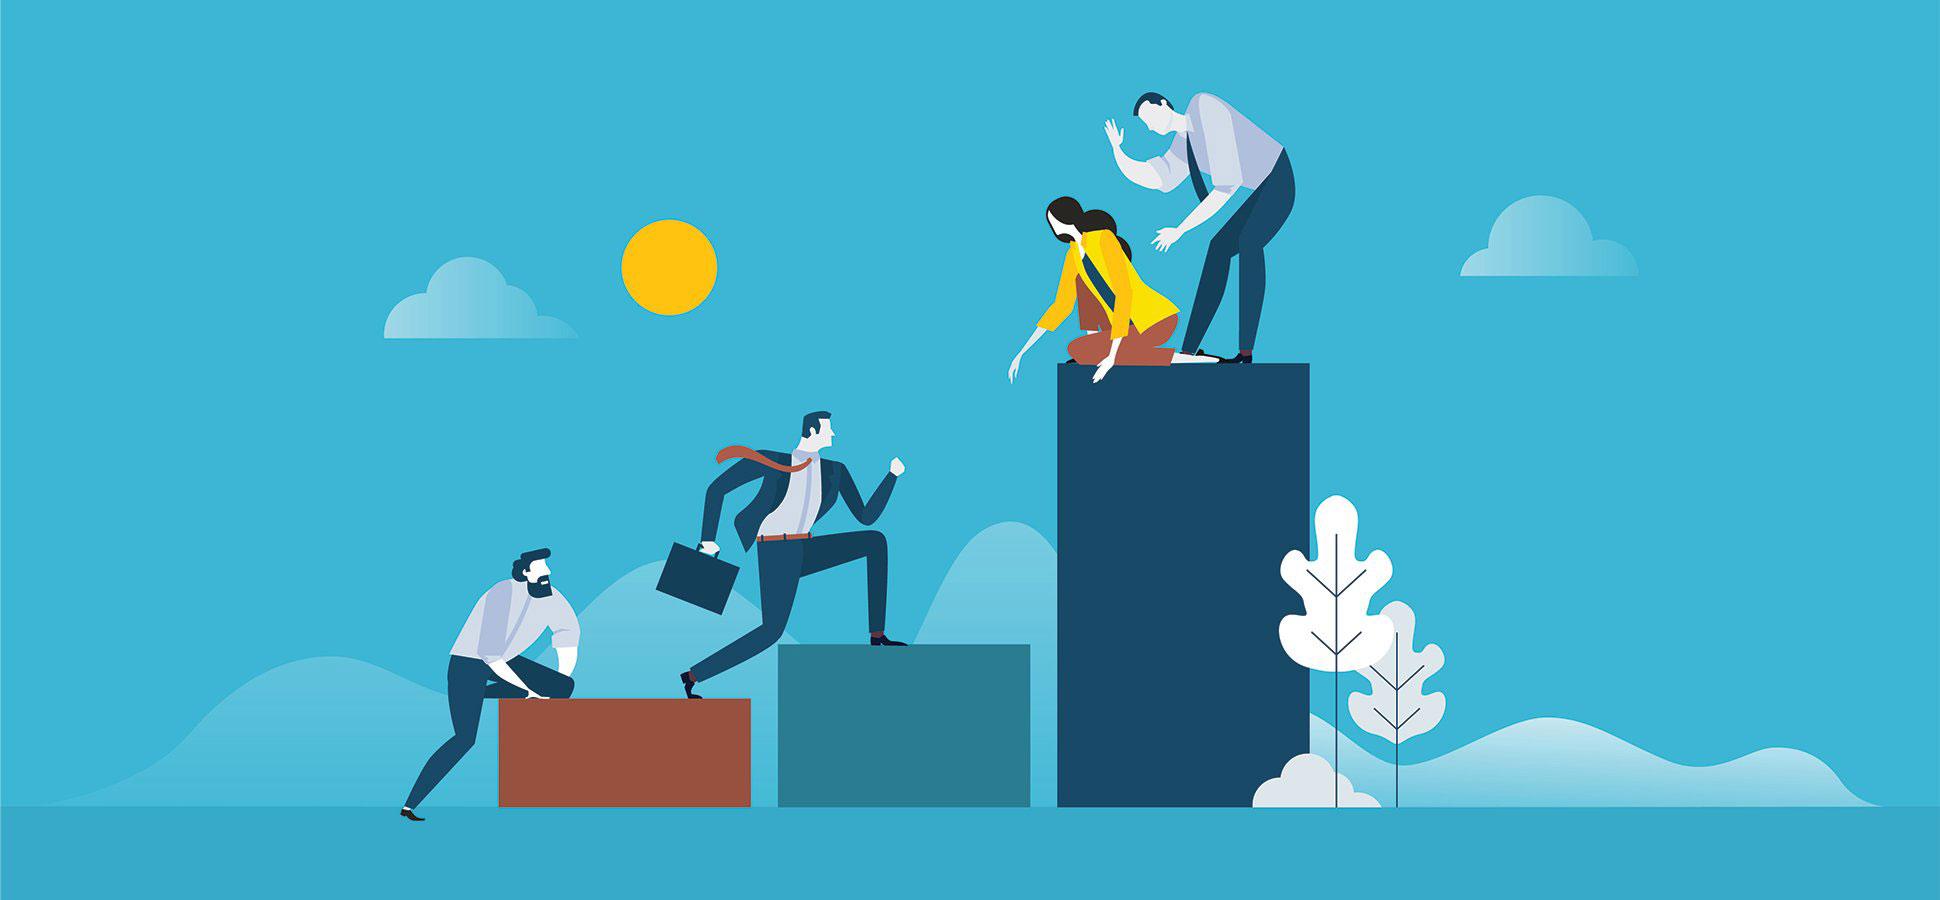 Kỹ năng lãnh đạo hiệu quả cho người mới và chủ doanh nghiệp - Livestream